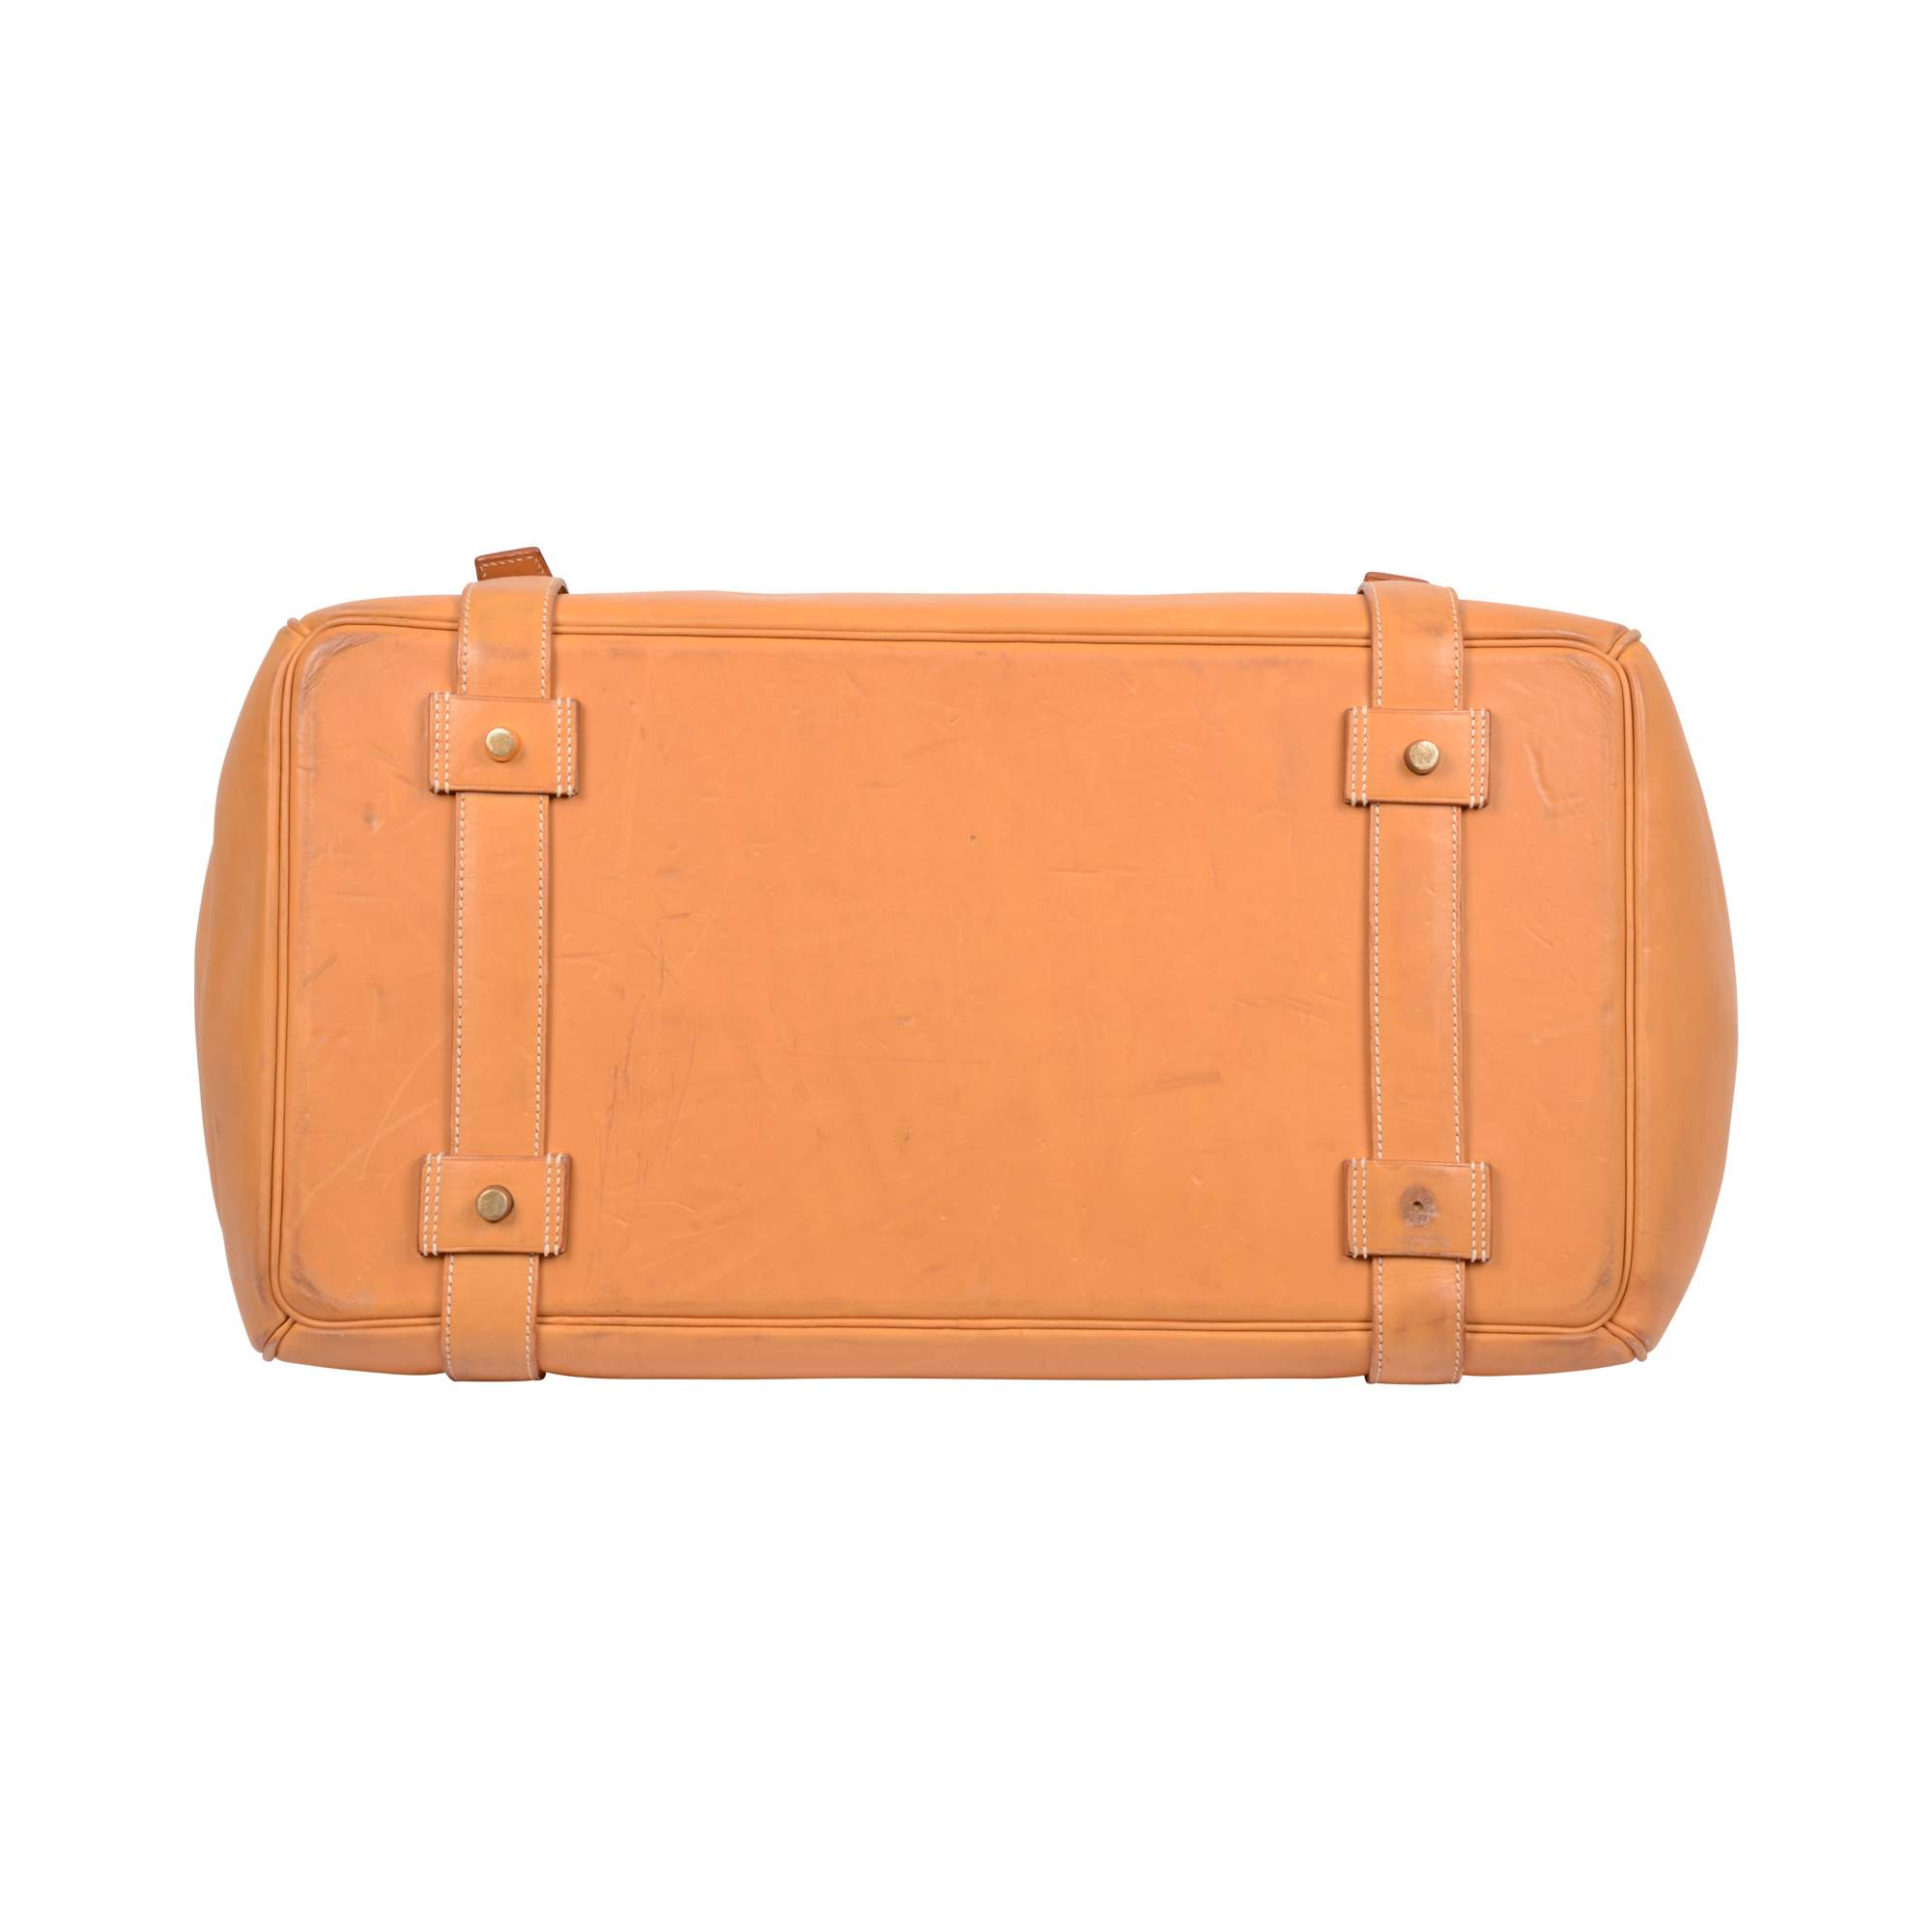 cdb0965c16 Hermes Vintage Leather gold